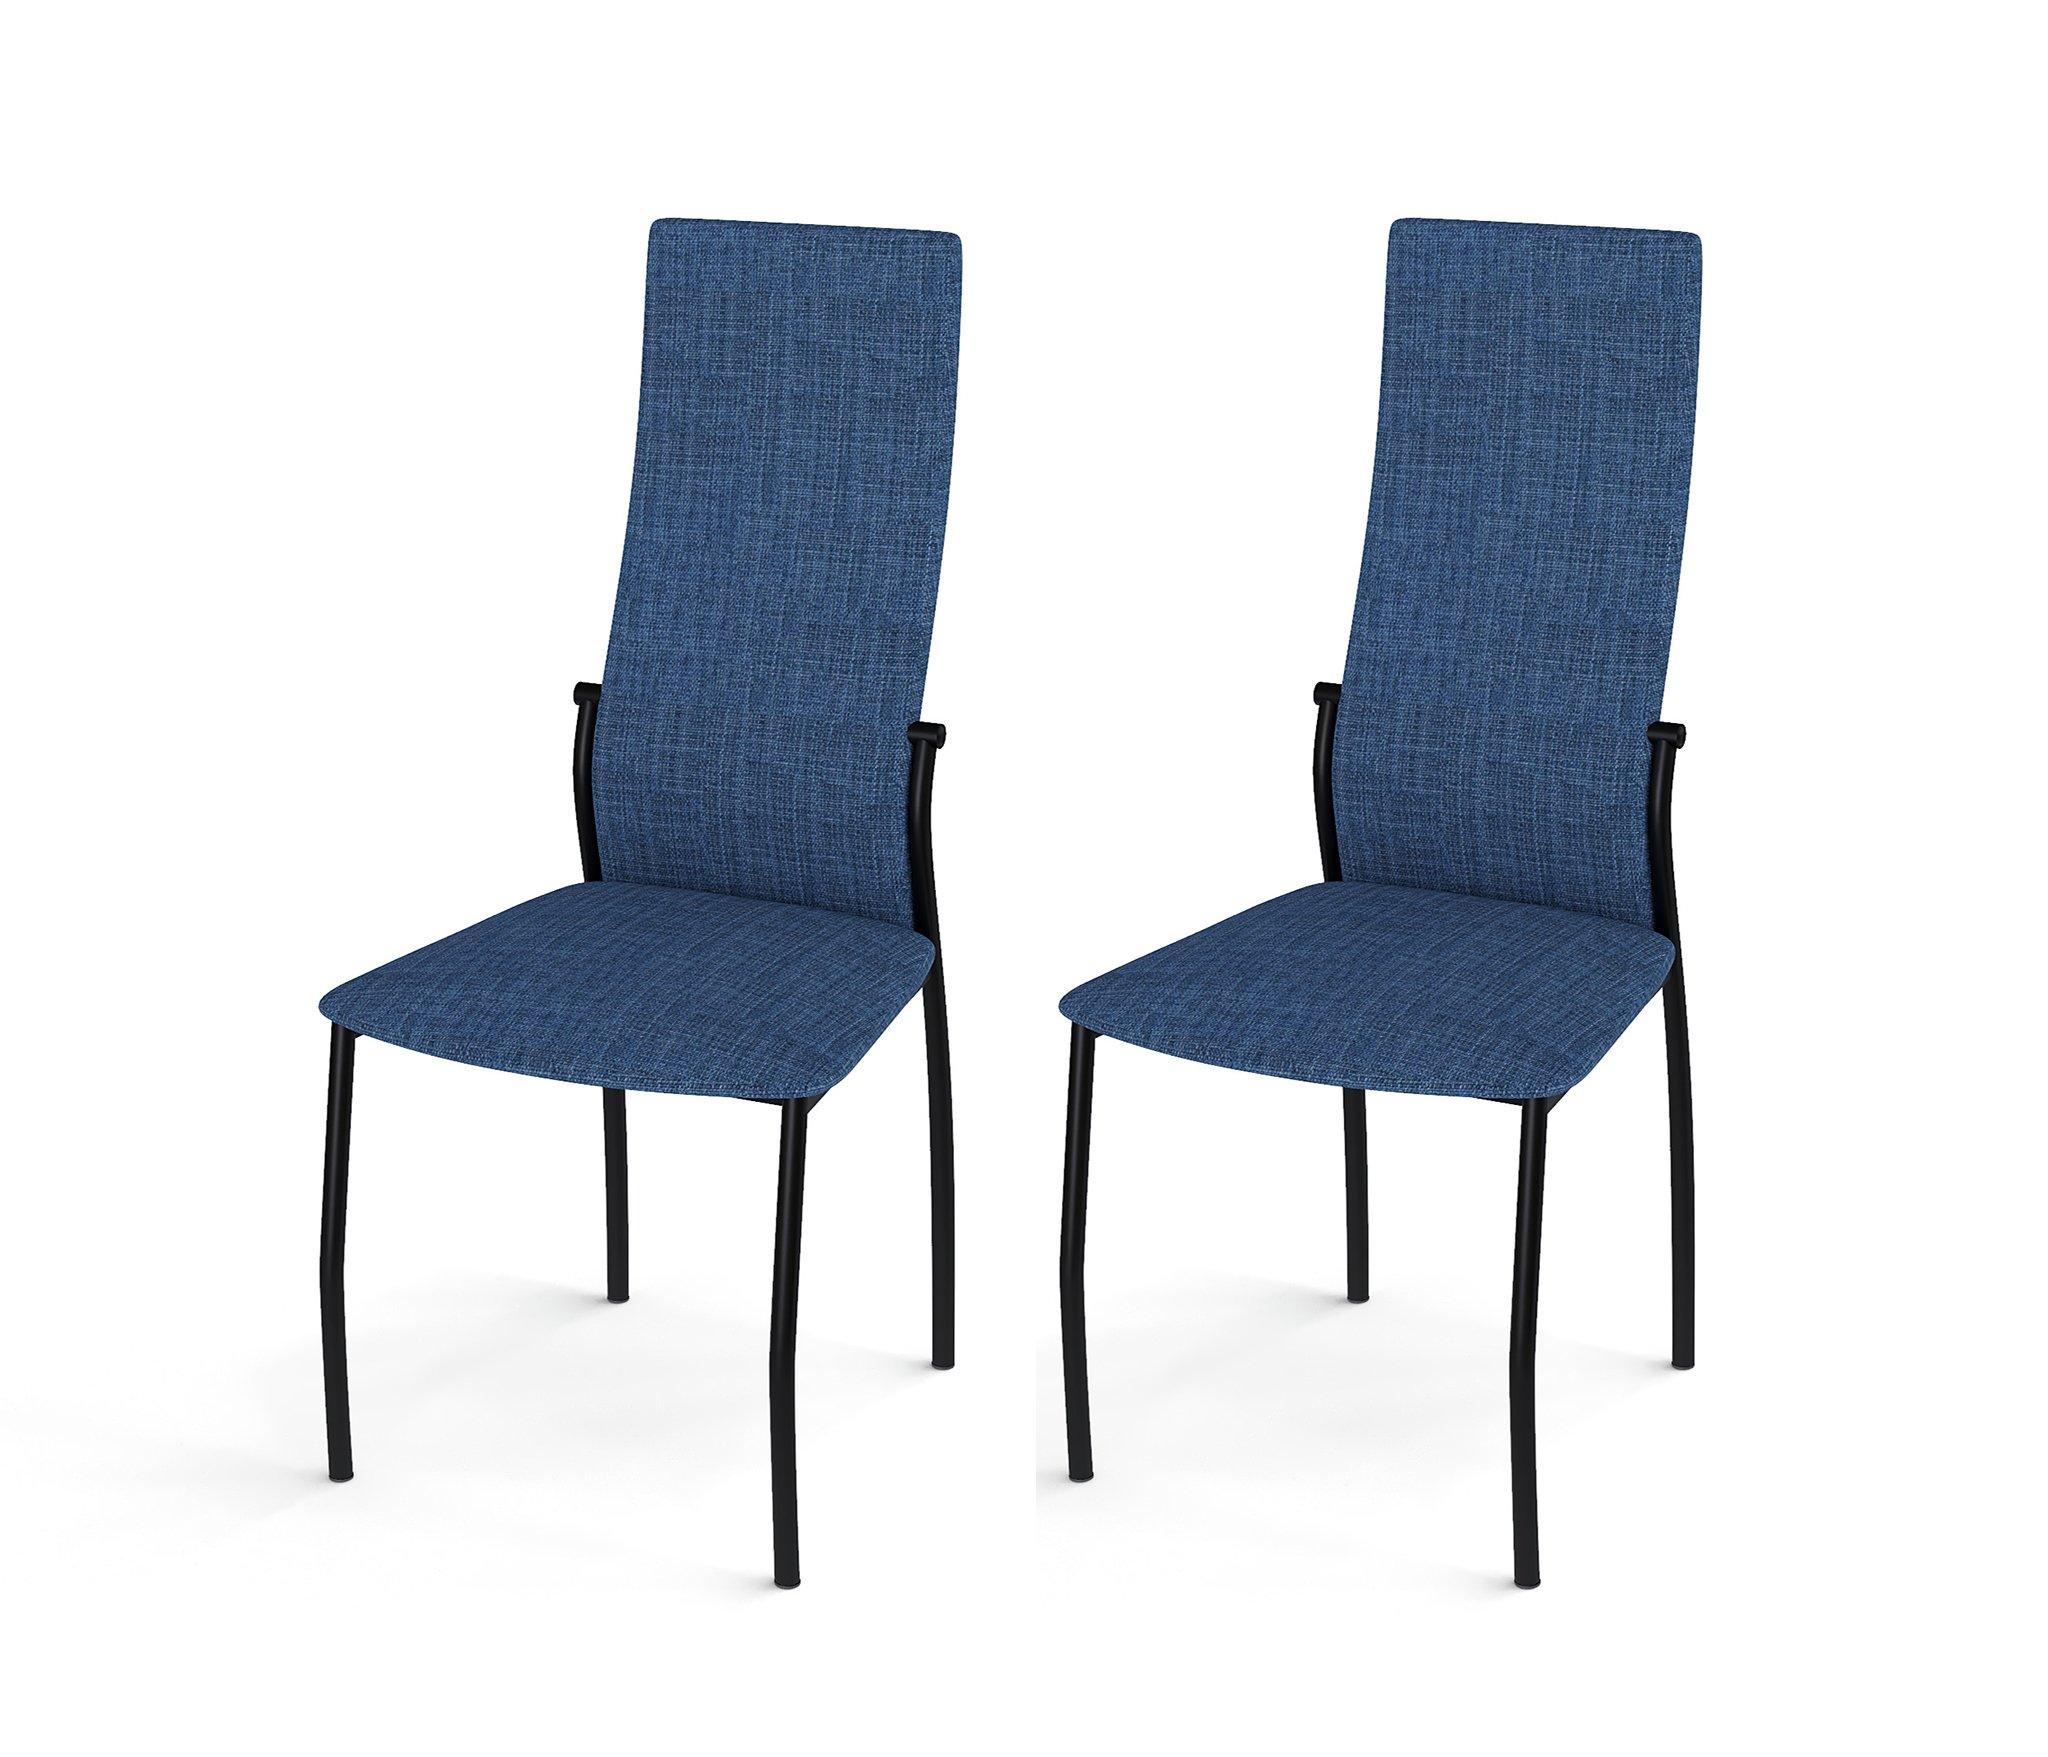 Стул Галс черный каркас, ткань №14 синий (в комплекте 2 шт.) недорого